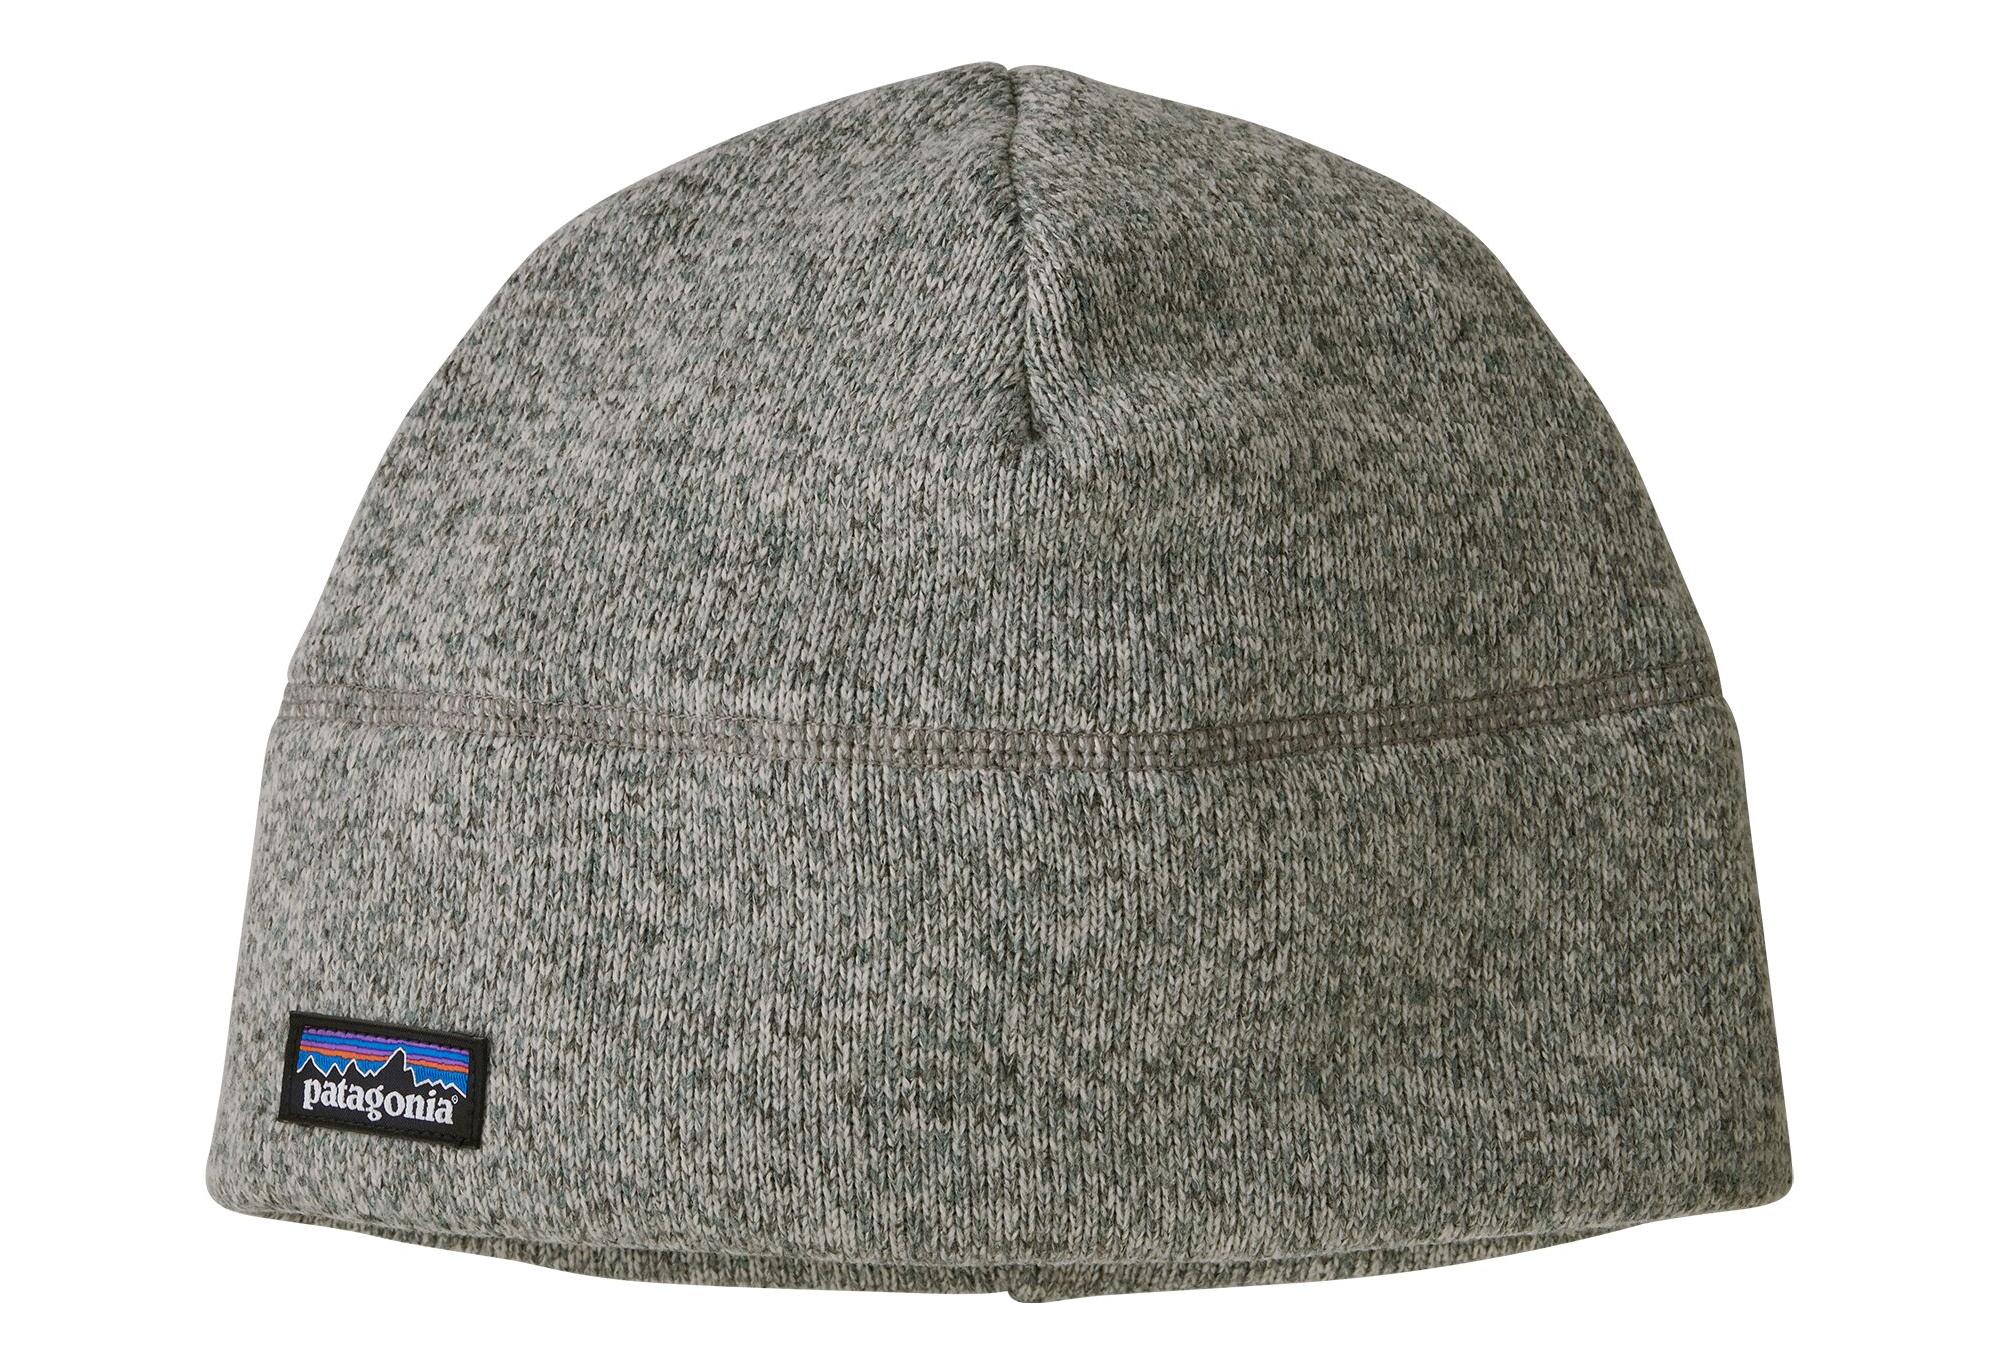 gros en ligne profiter de la livraison gratuite mode de luxe Bonnet PATAGONIA Better Sweater Beanie Gris